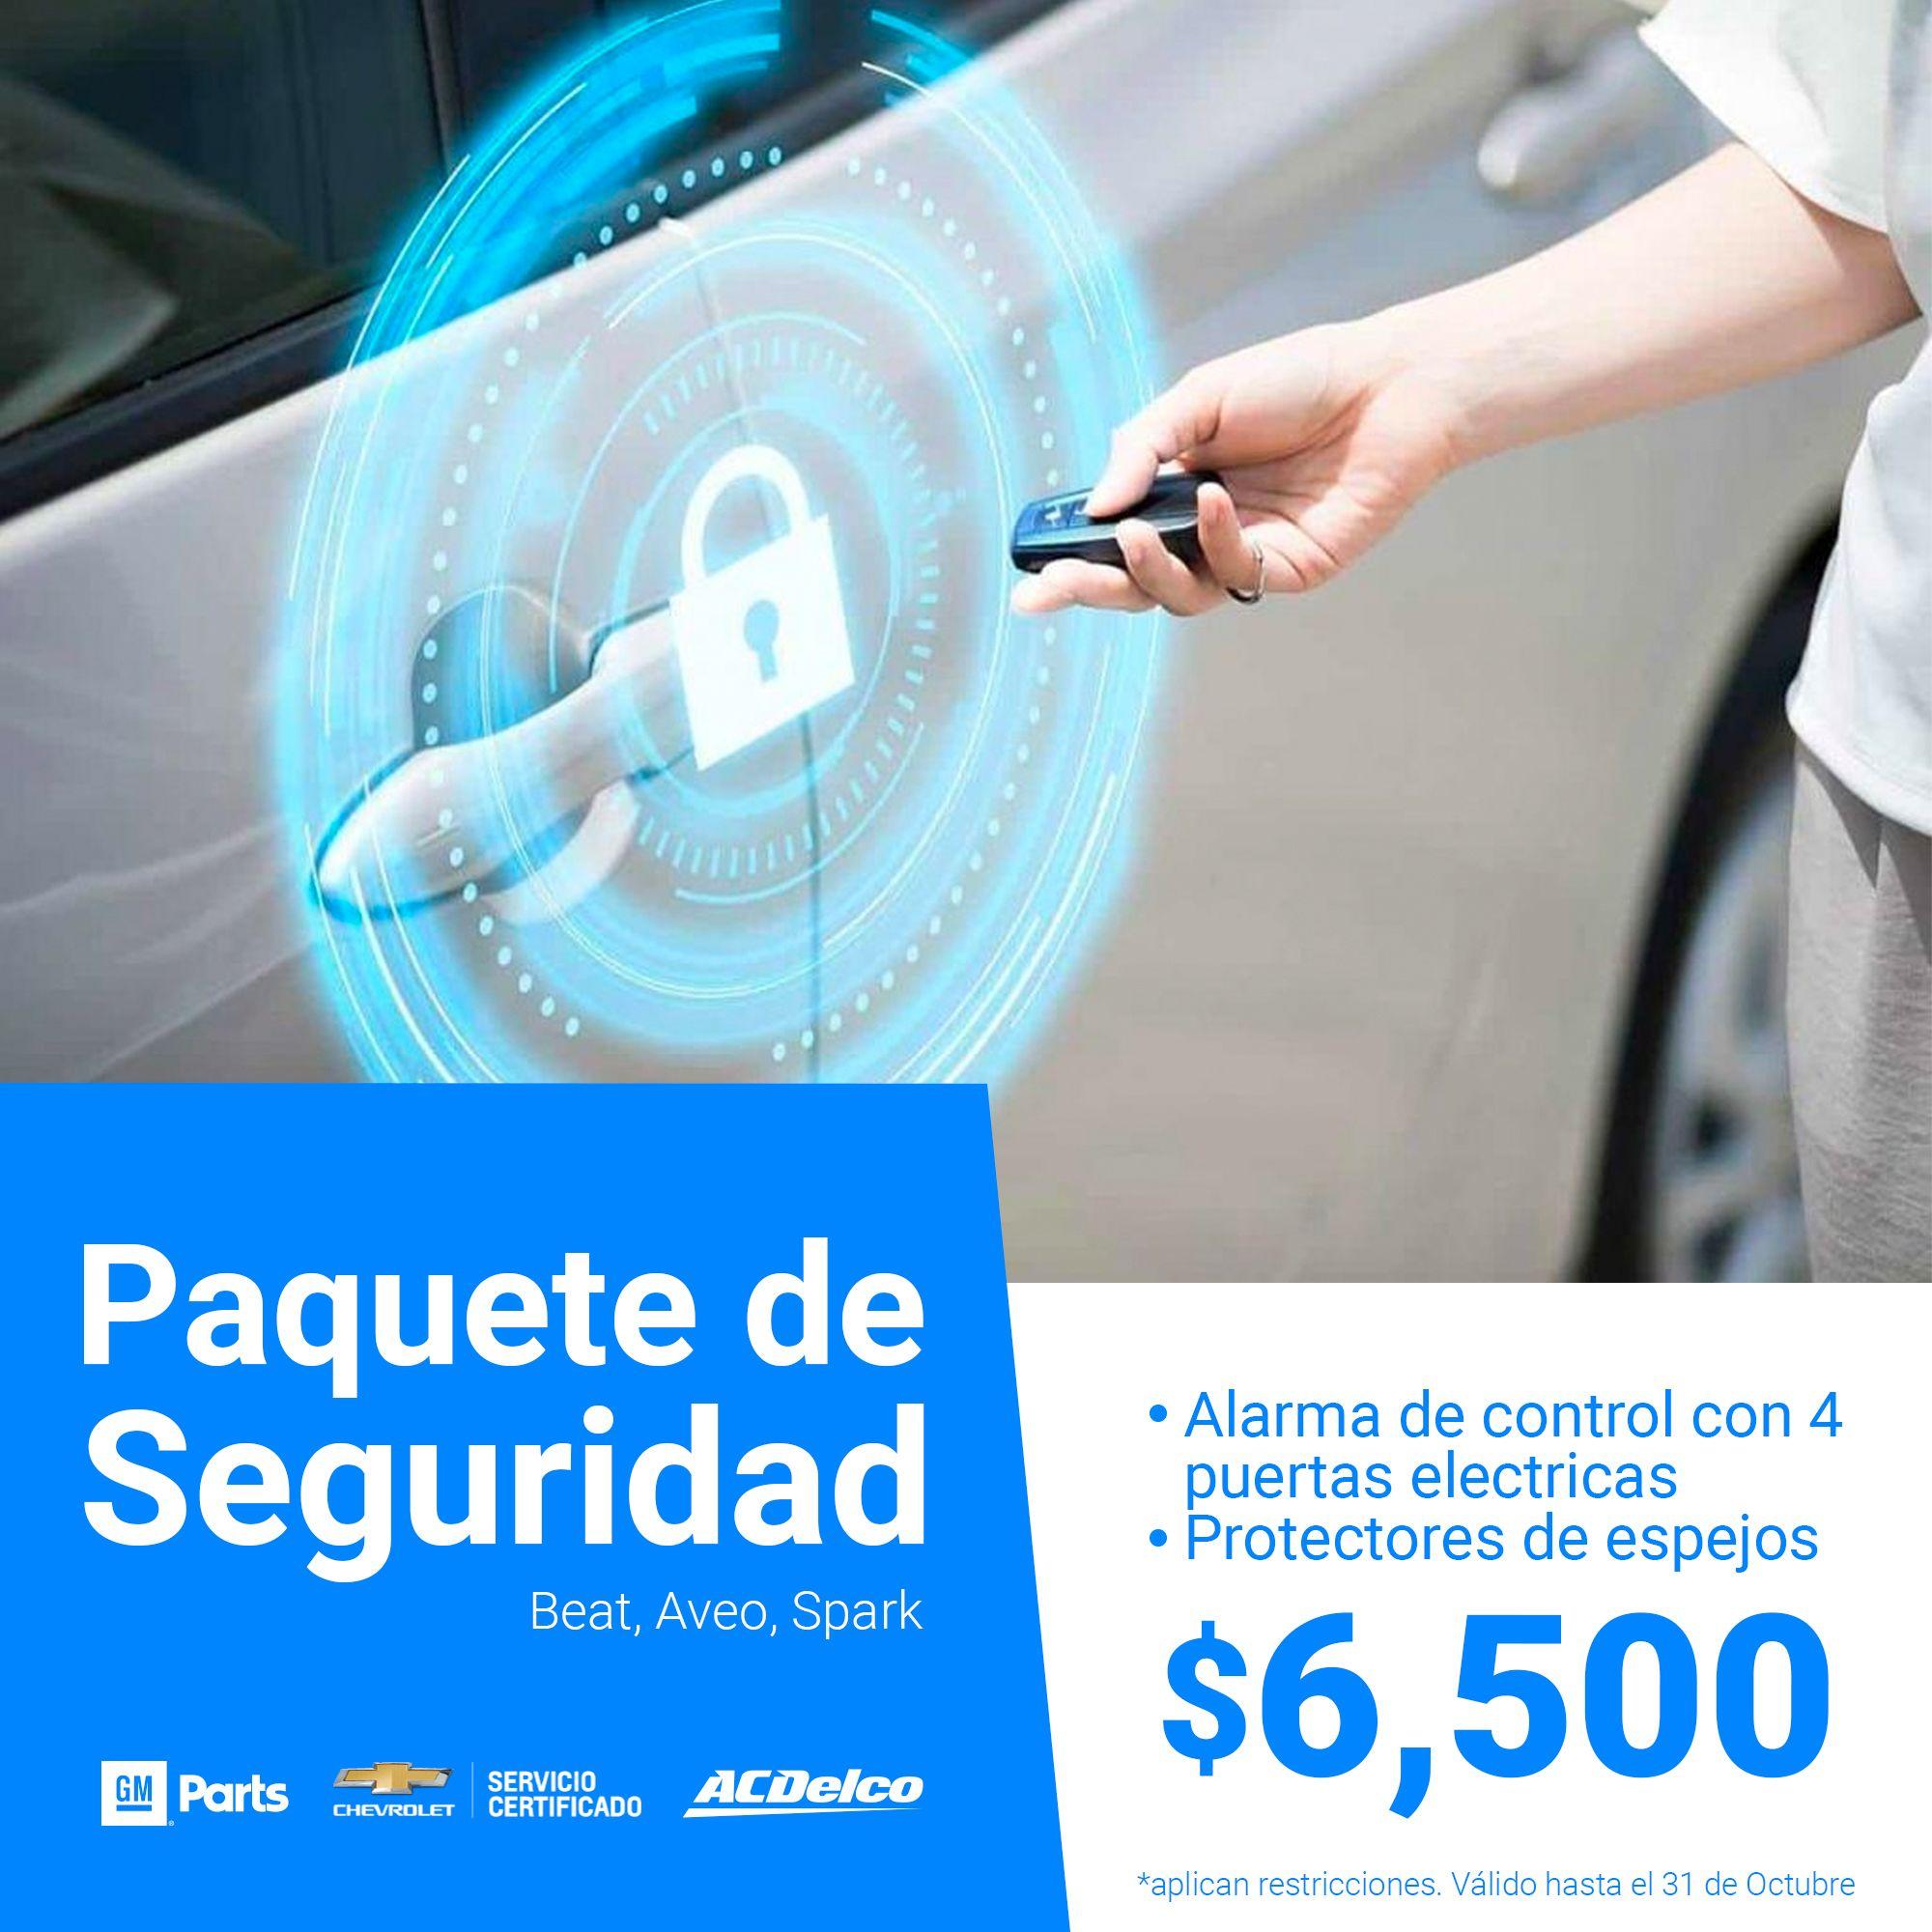 Paquete de seguridad para Aveo, Beat y Spark, alarma de control con 4 puertas electricas, protectores de espejos por $6,500.00, aplican restricciones, válido hasta el 31 de octubre del 2020